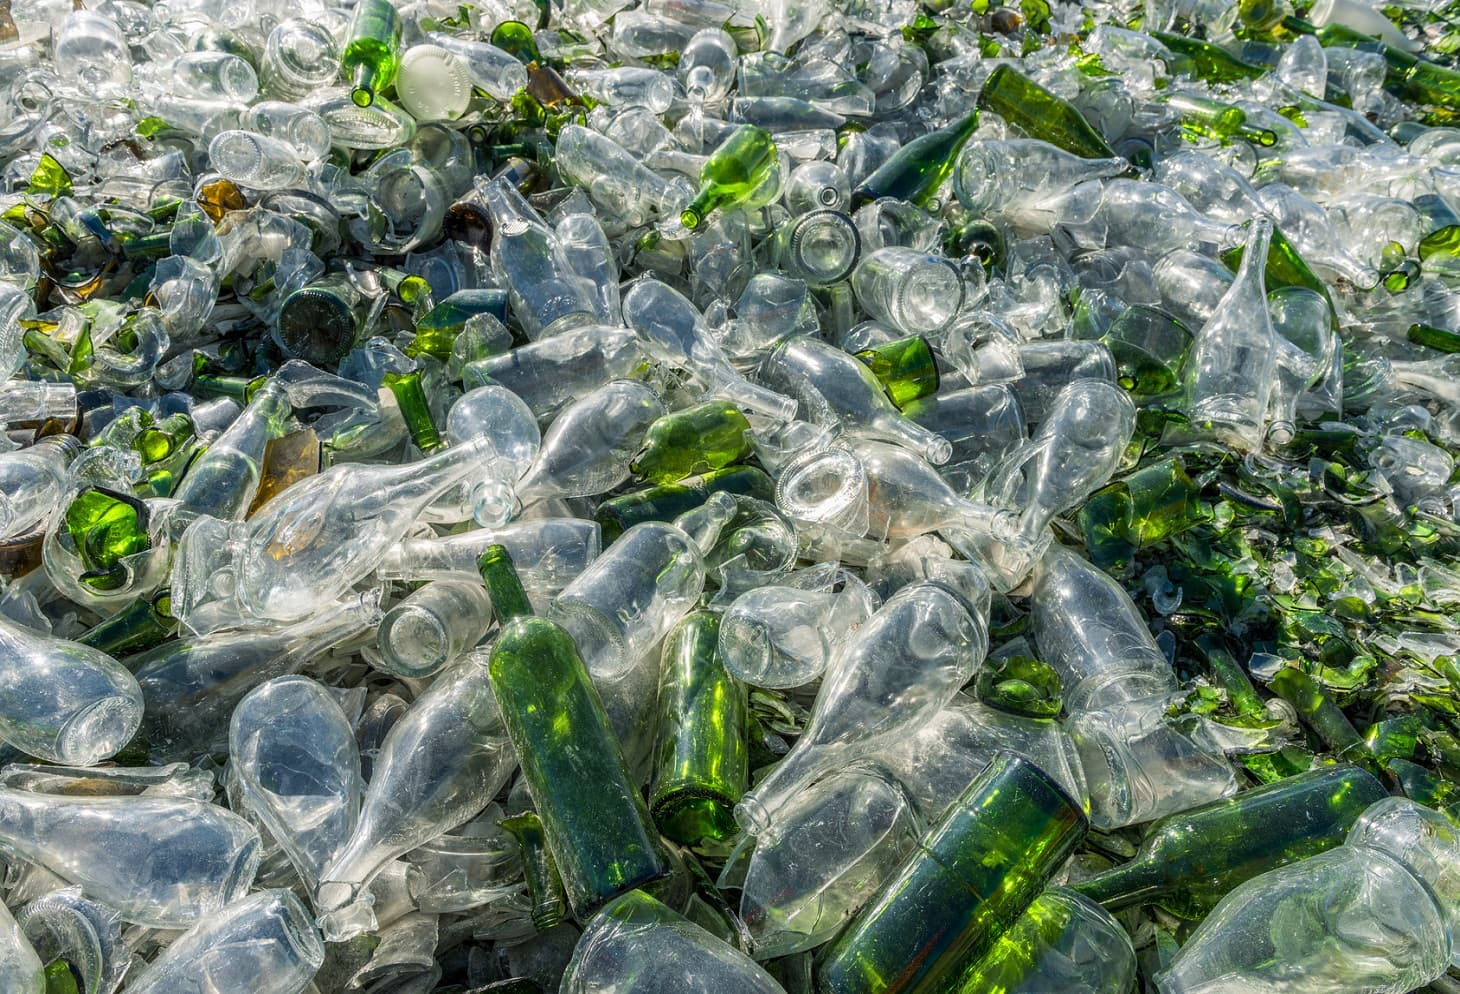 очень картинка стеклянная бутылка мусор светлый холл мягкими